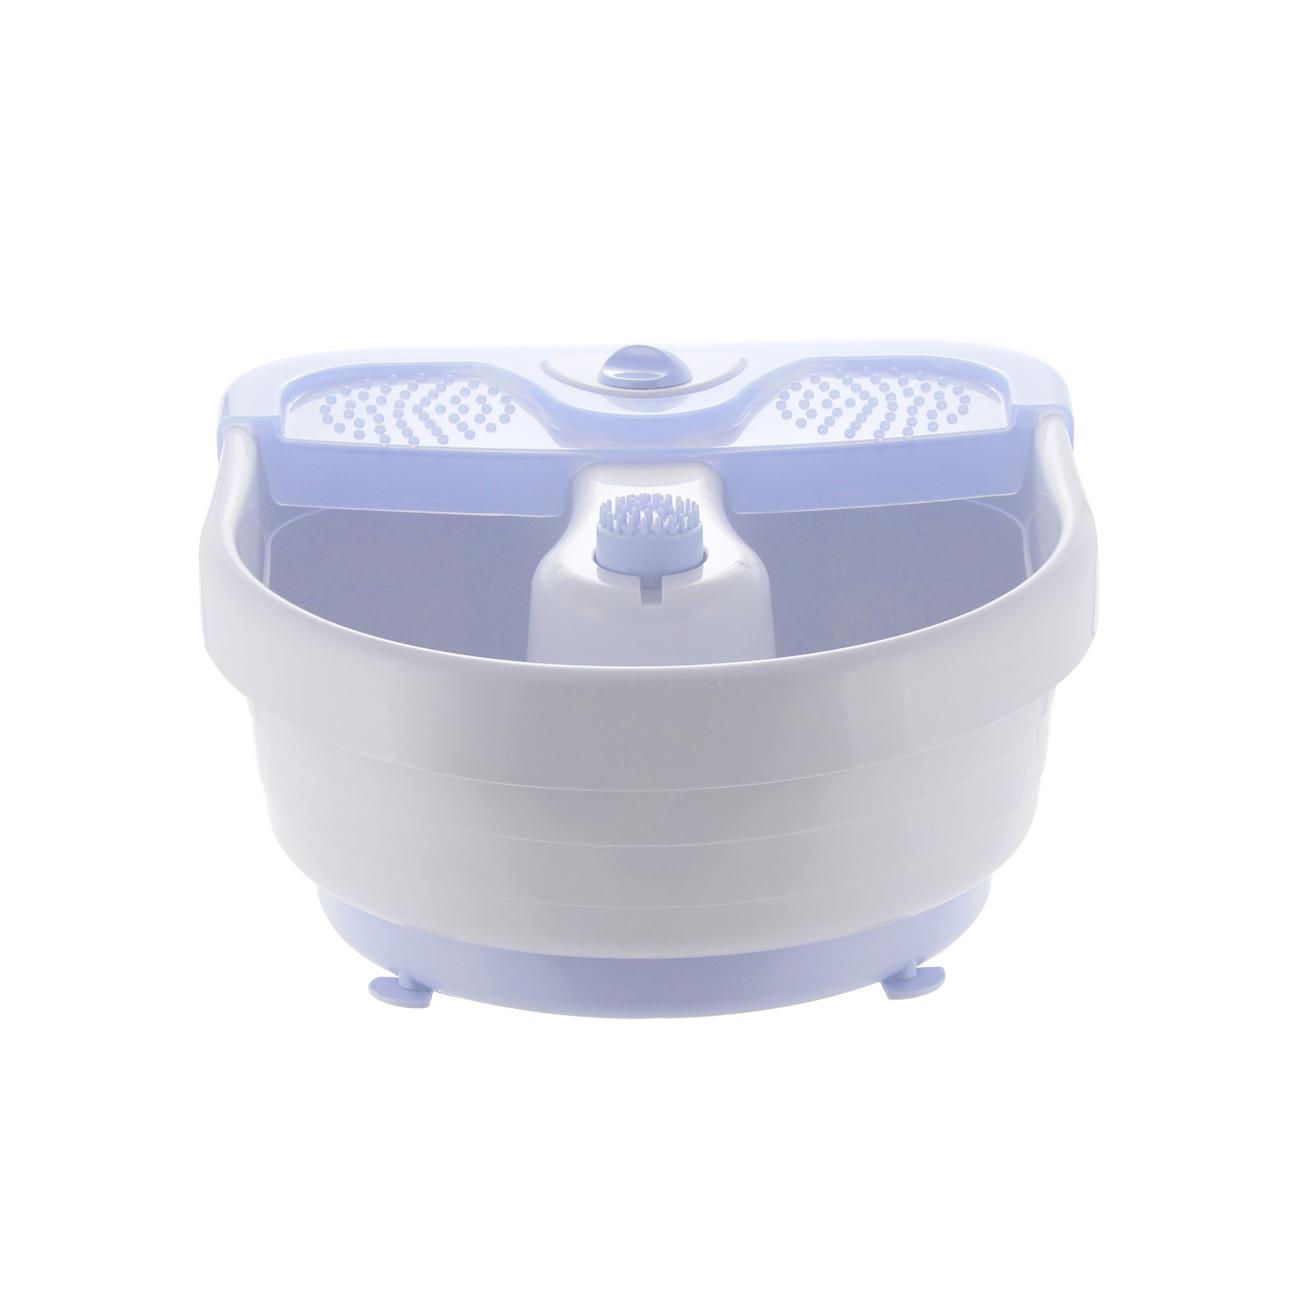 Купить Массажная ванночка для ног Babyliss 8046E недорого